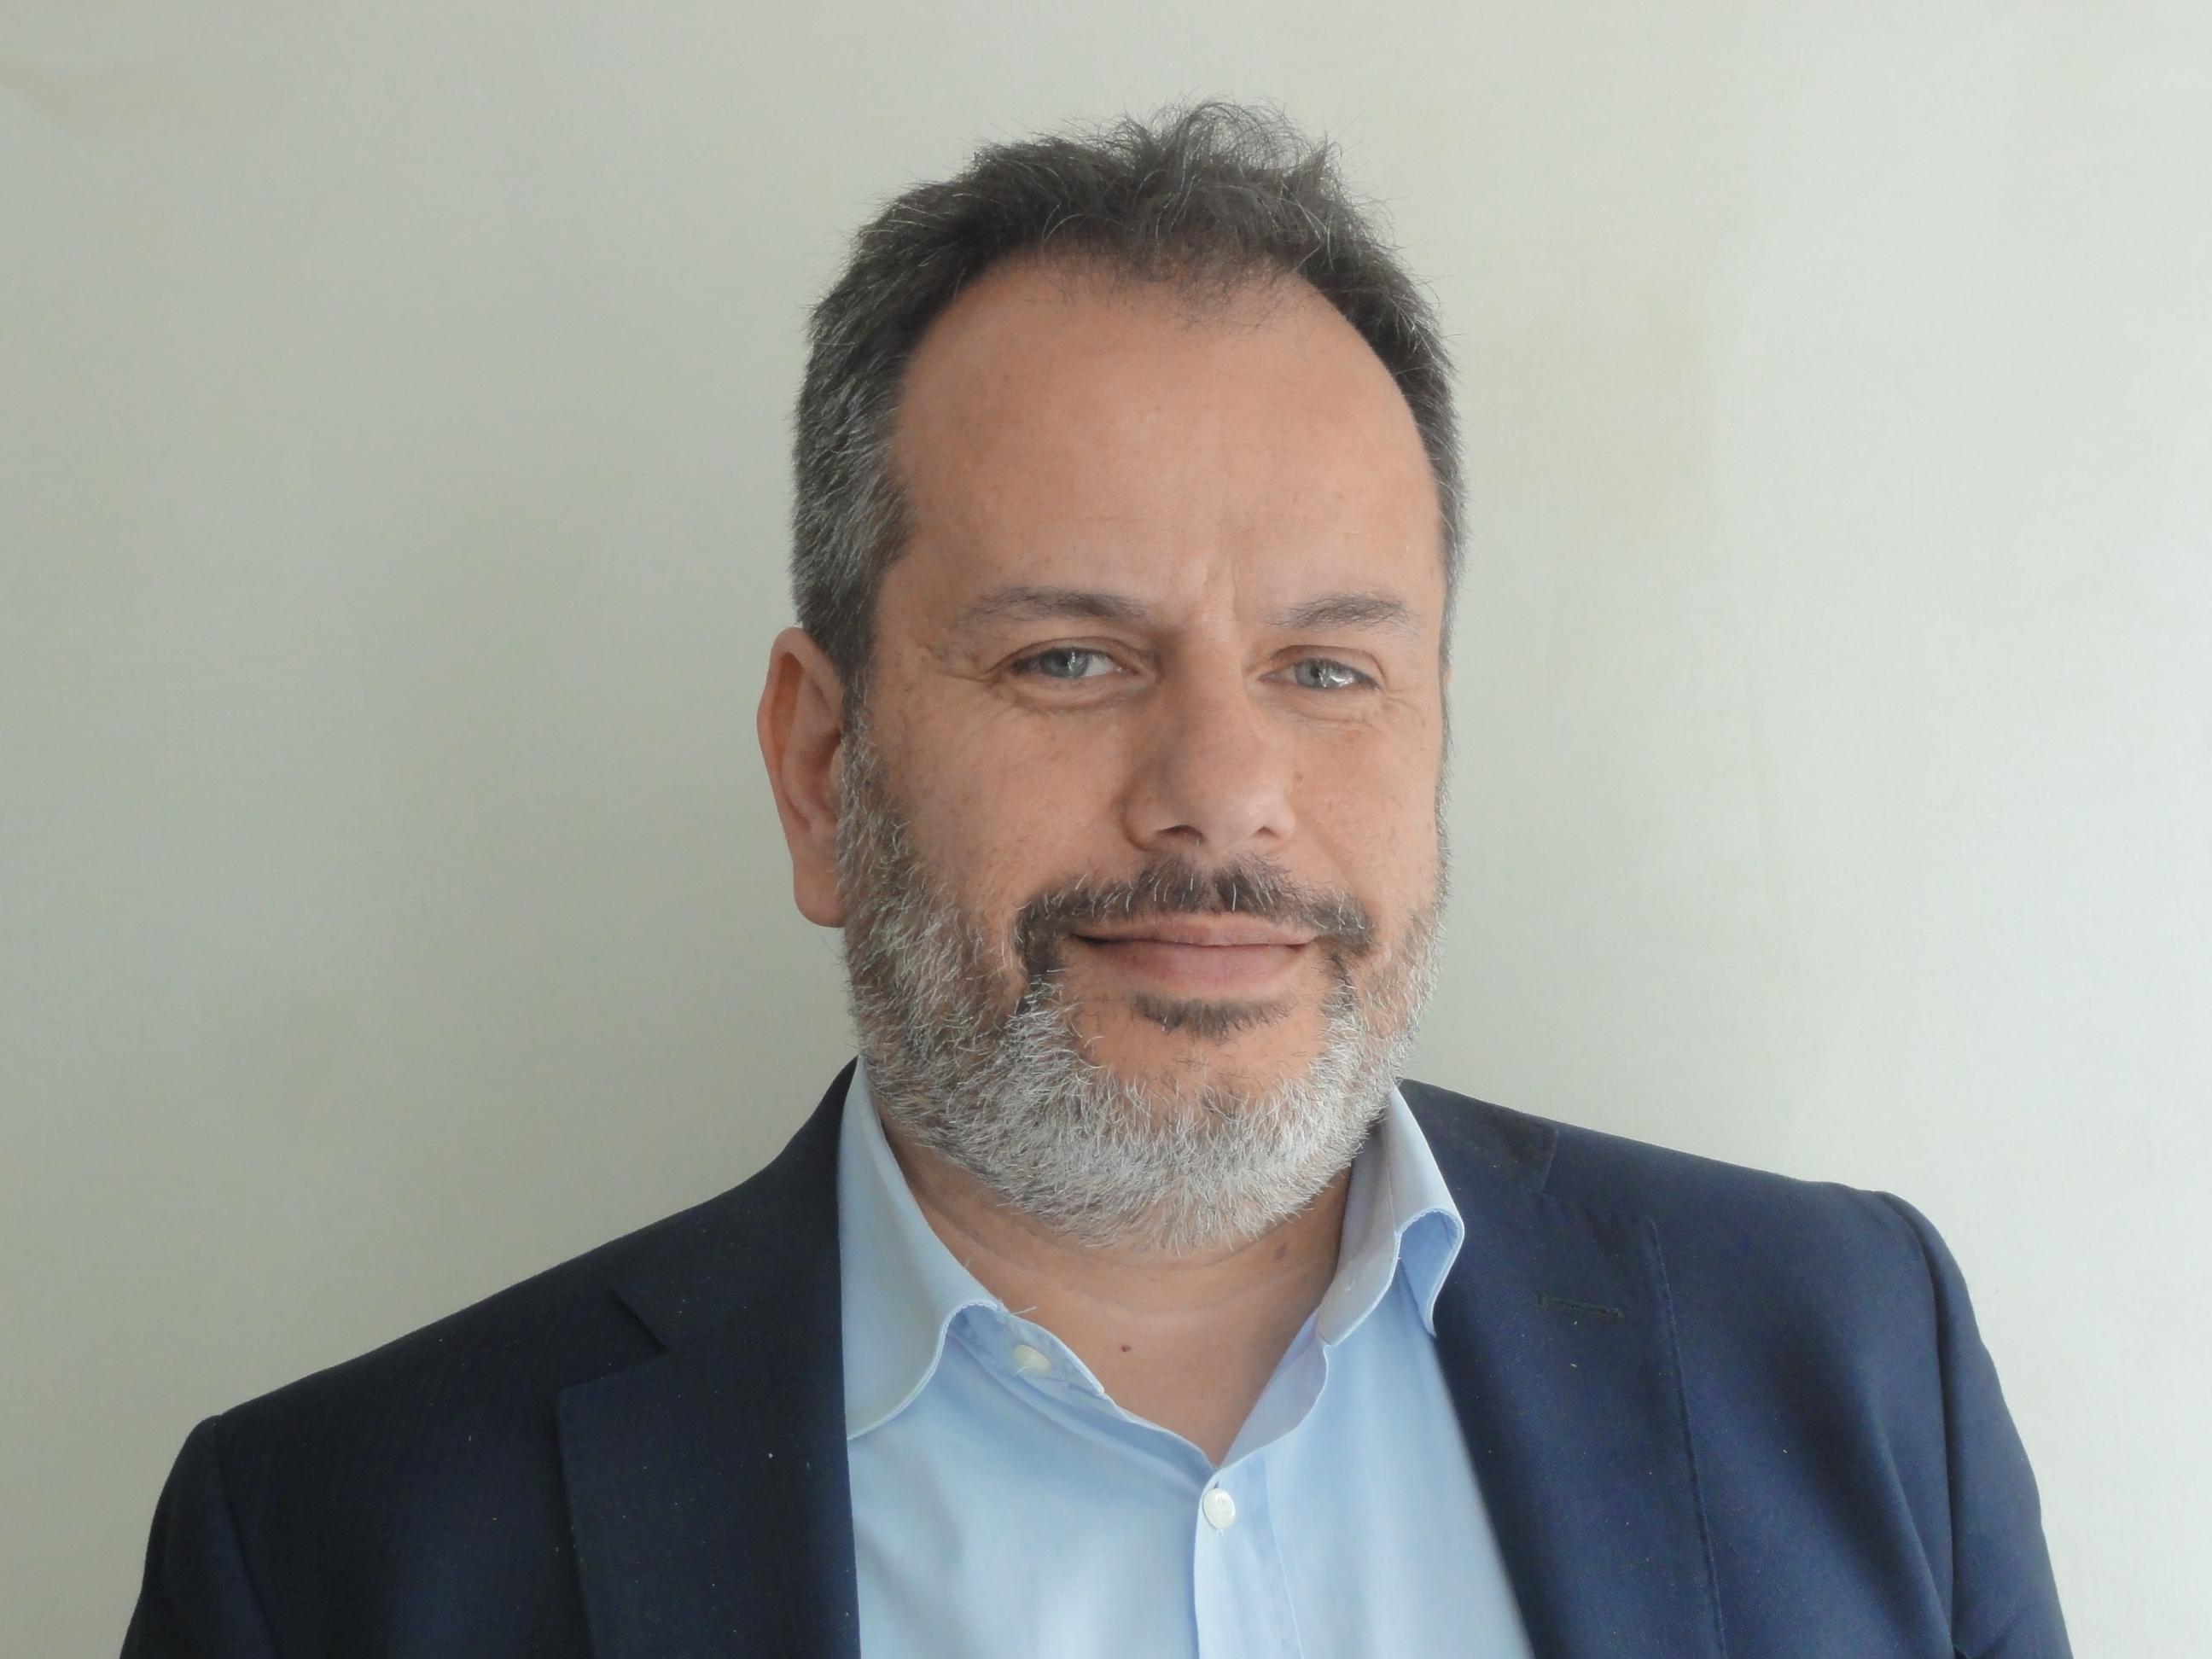 Matteo Masera, Direttore Commerciale di PRES